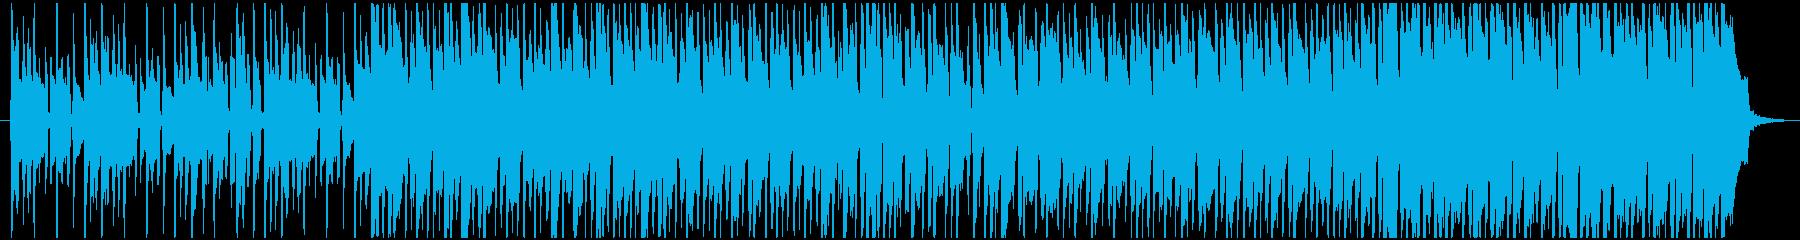 民謡 アクティブ 明るい ほのぼの...の再生済みの波形